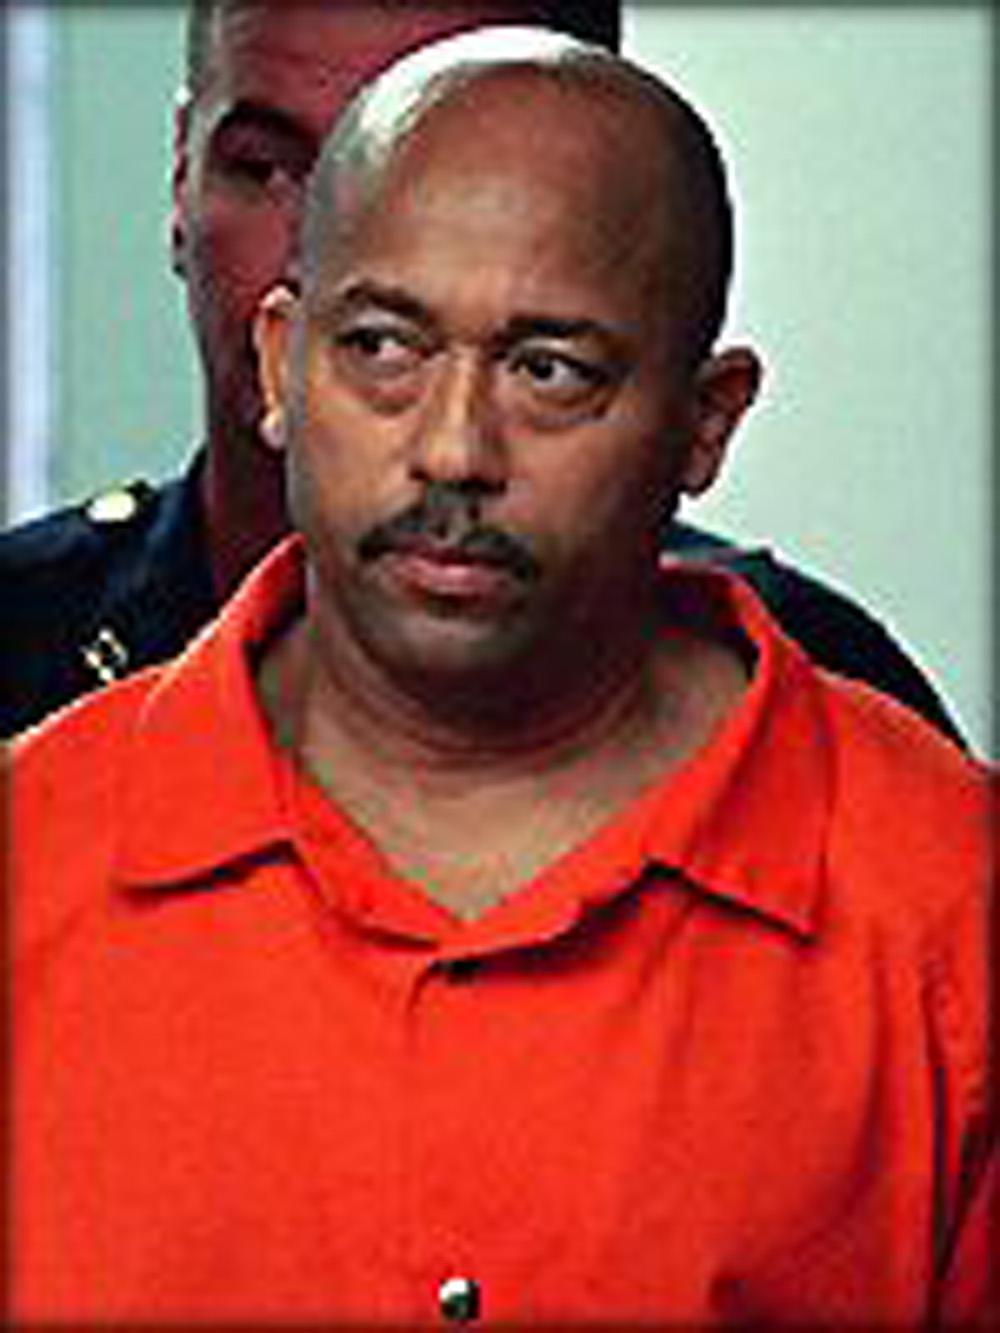 1999, Trenton, Nueva Jersey (Estados Unidos): Agustín García se presenta en la casa de su ex novia, Gladys Ricart, después de perseguirla y molestarla ... - Agust%2525C3%2525ADn%252BGarc%2525C3%2525ADa